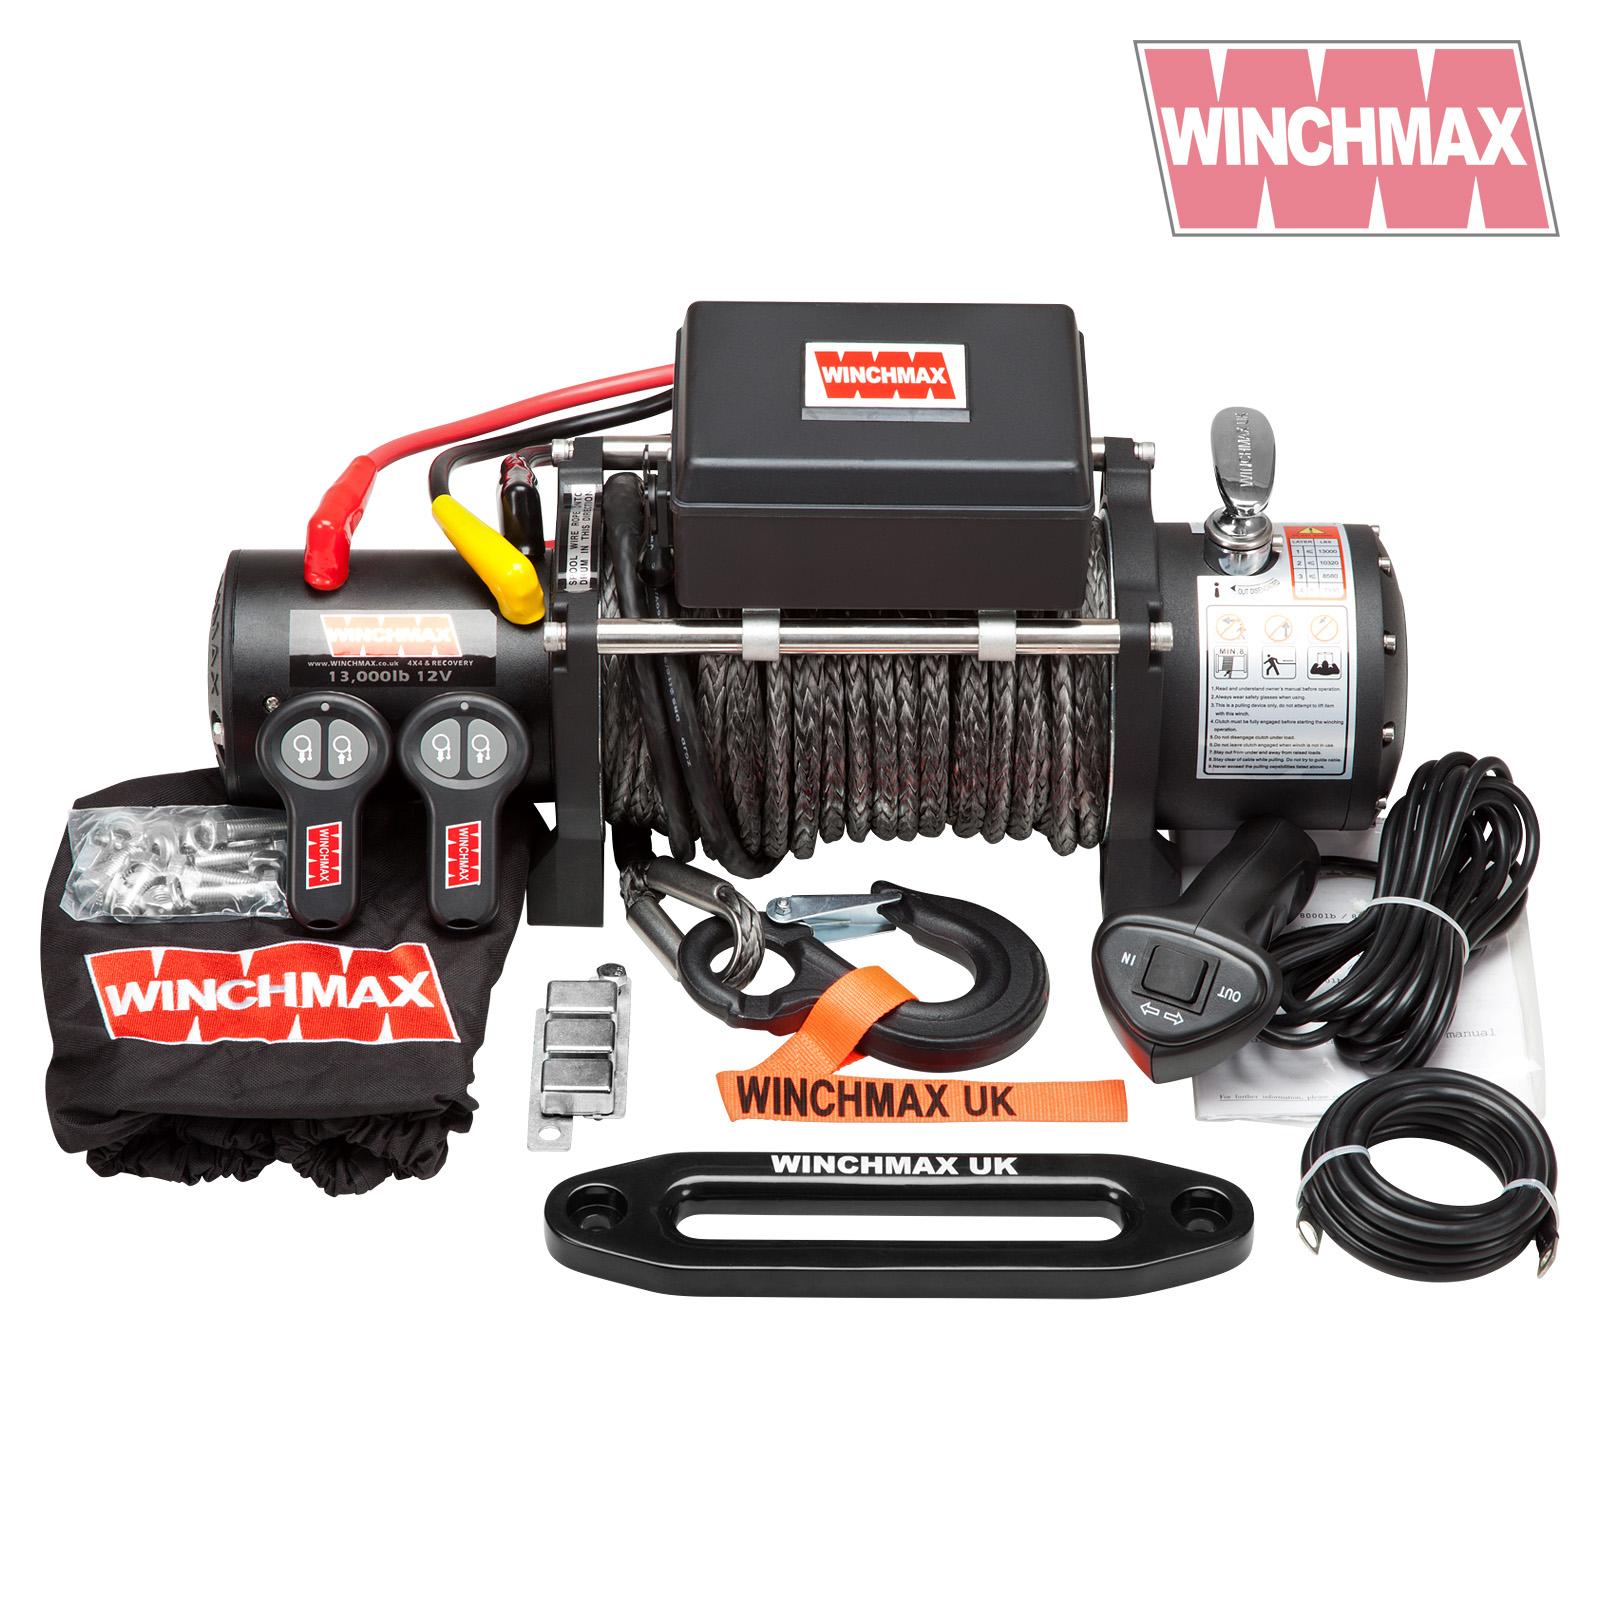 Wm1300012vmilsyn winchmax 009